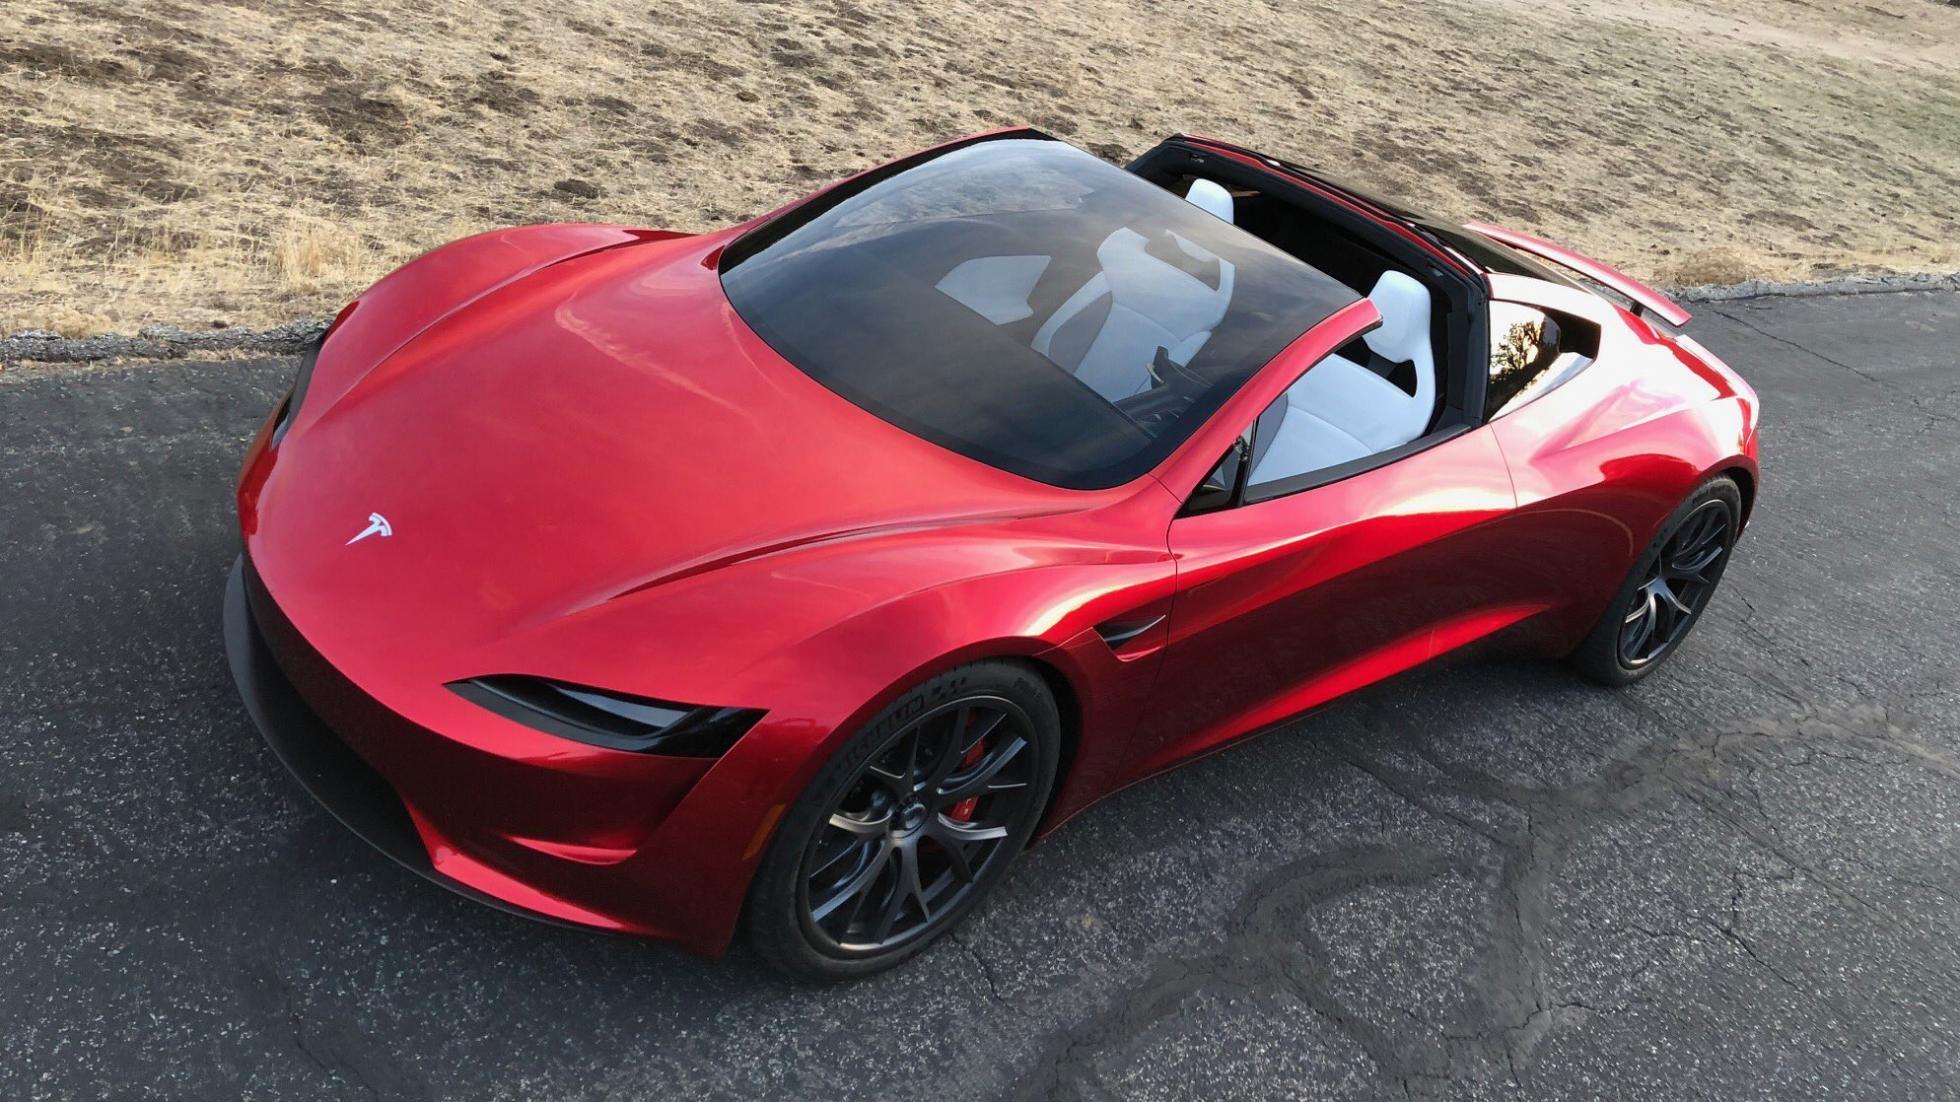 New Tesla Roadster will go from 0-60mph in 1.9secs | Gear ...